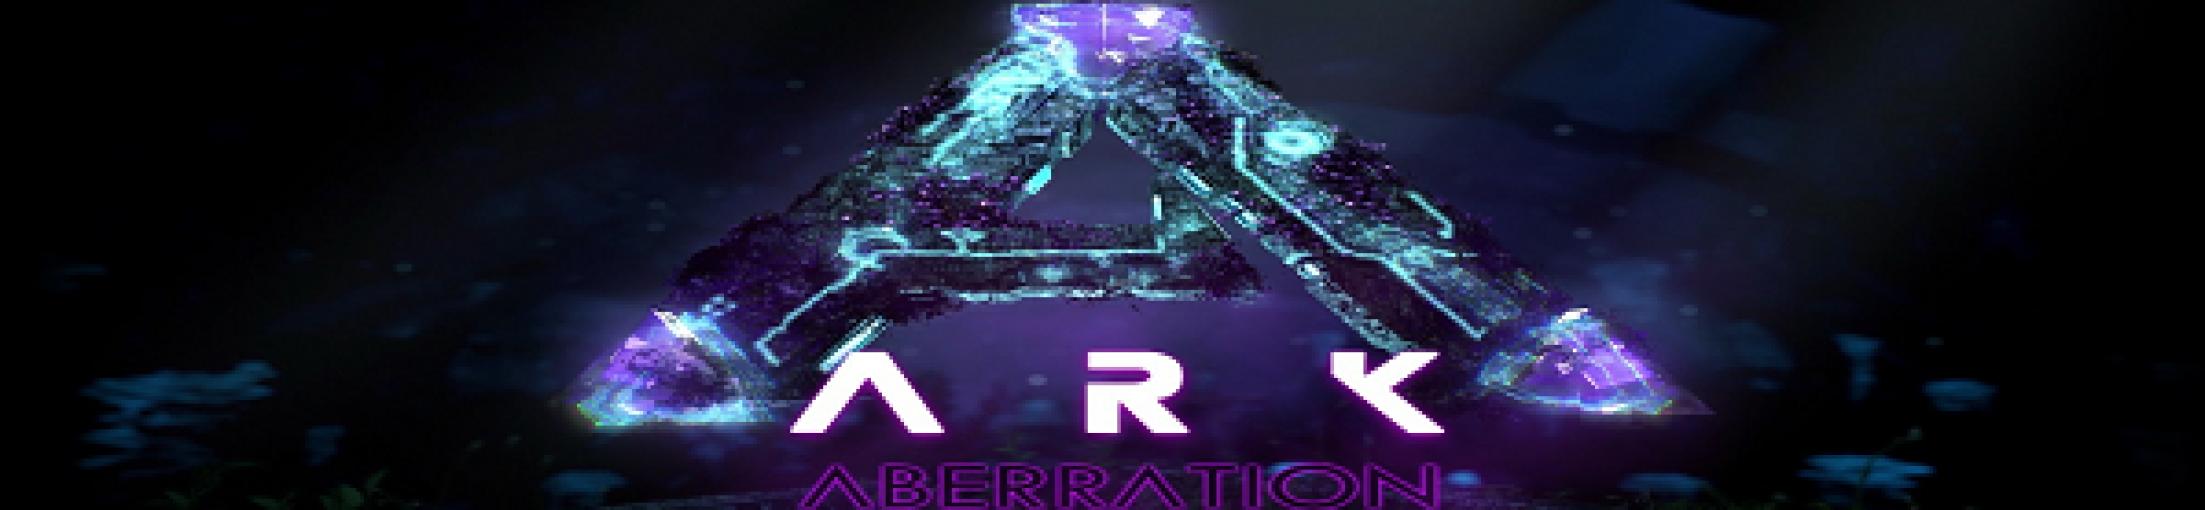 CyberGameZone